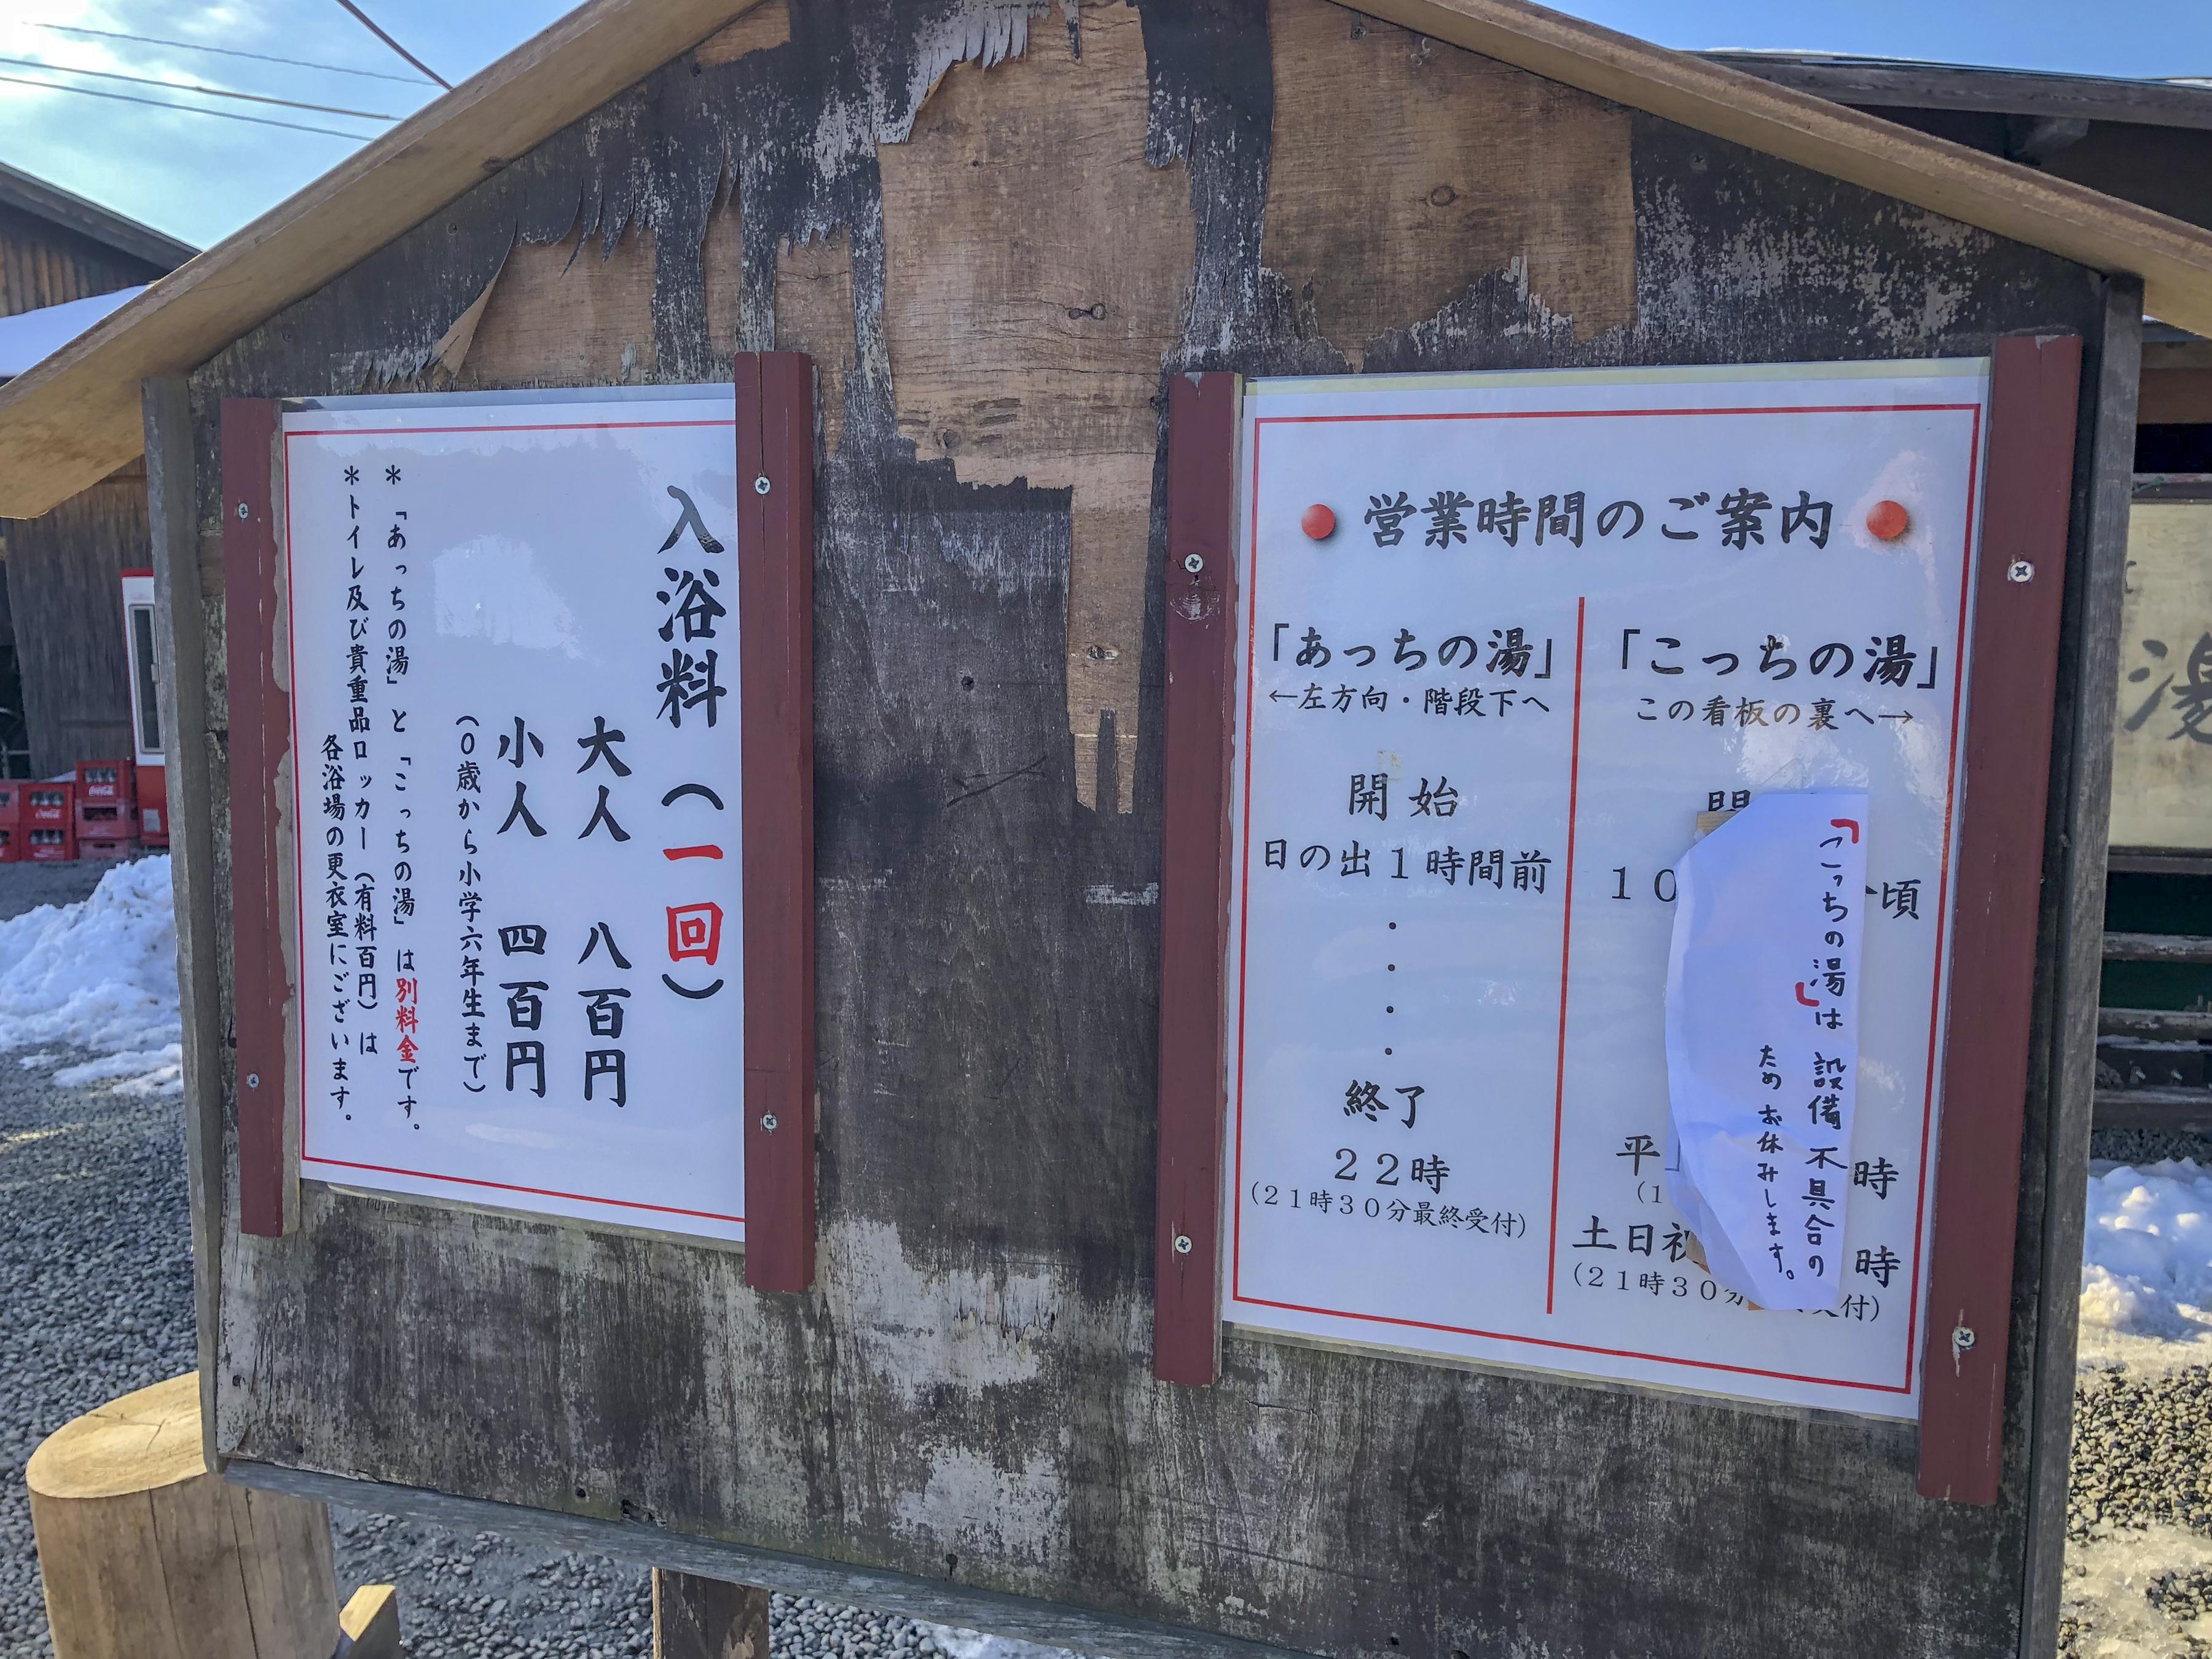 f:id:mitatowa:20180208214940j:plain